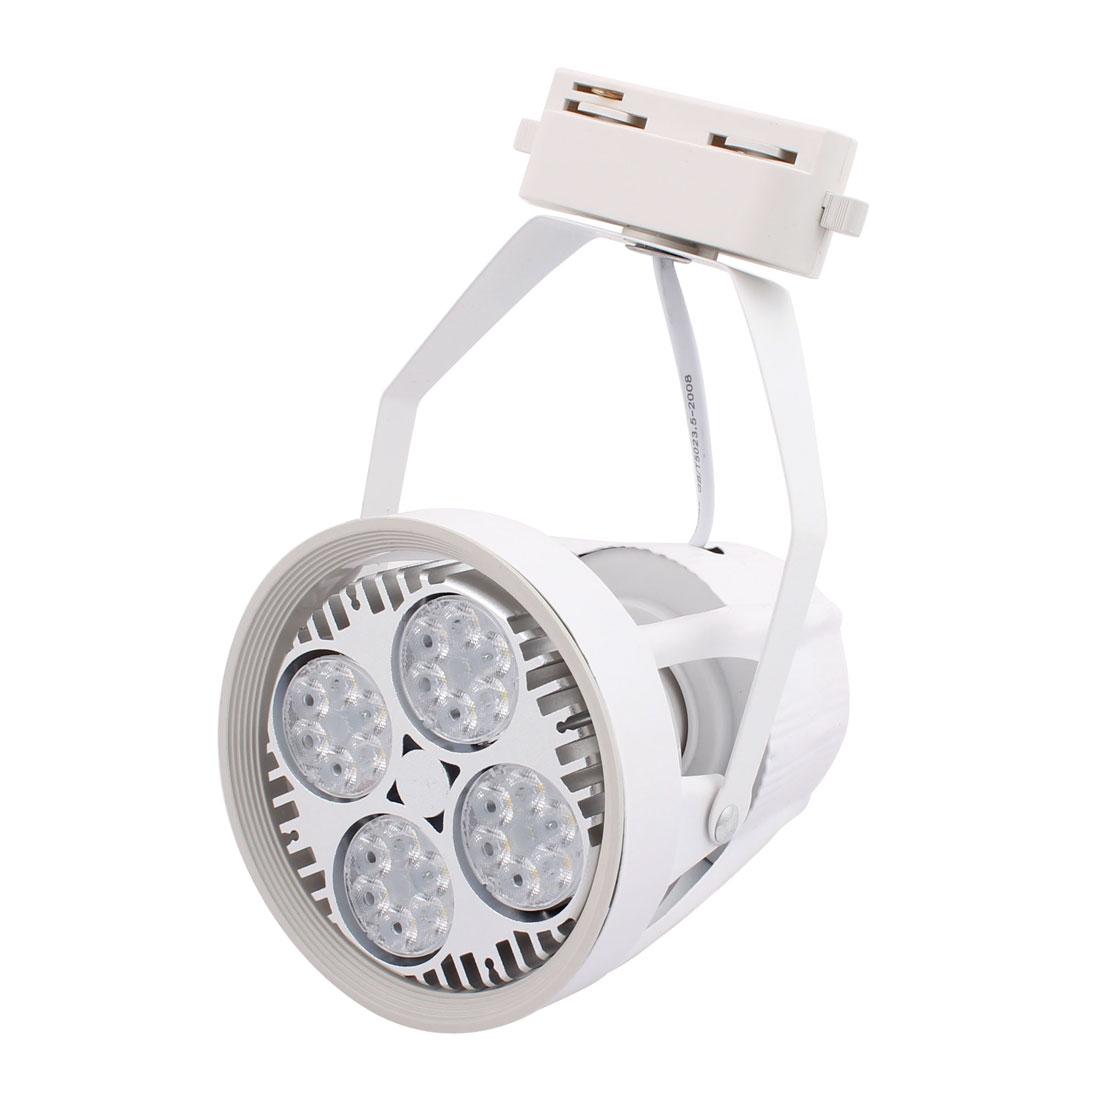 AC 180-260V 35W 3000K 24 LED Bulbs Spotlight Lamp White for House Hall Lighting